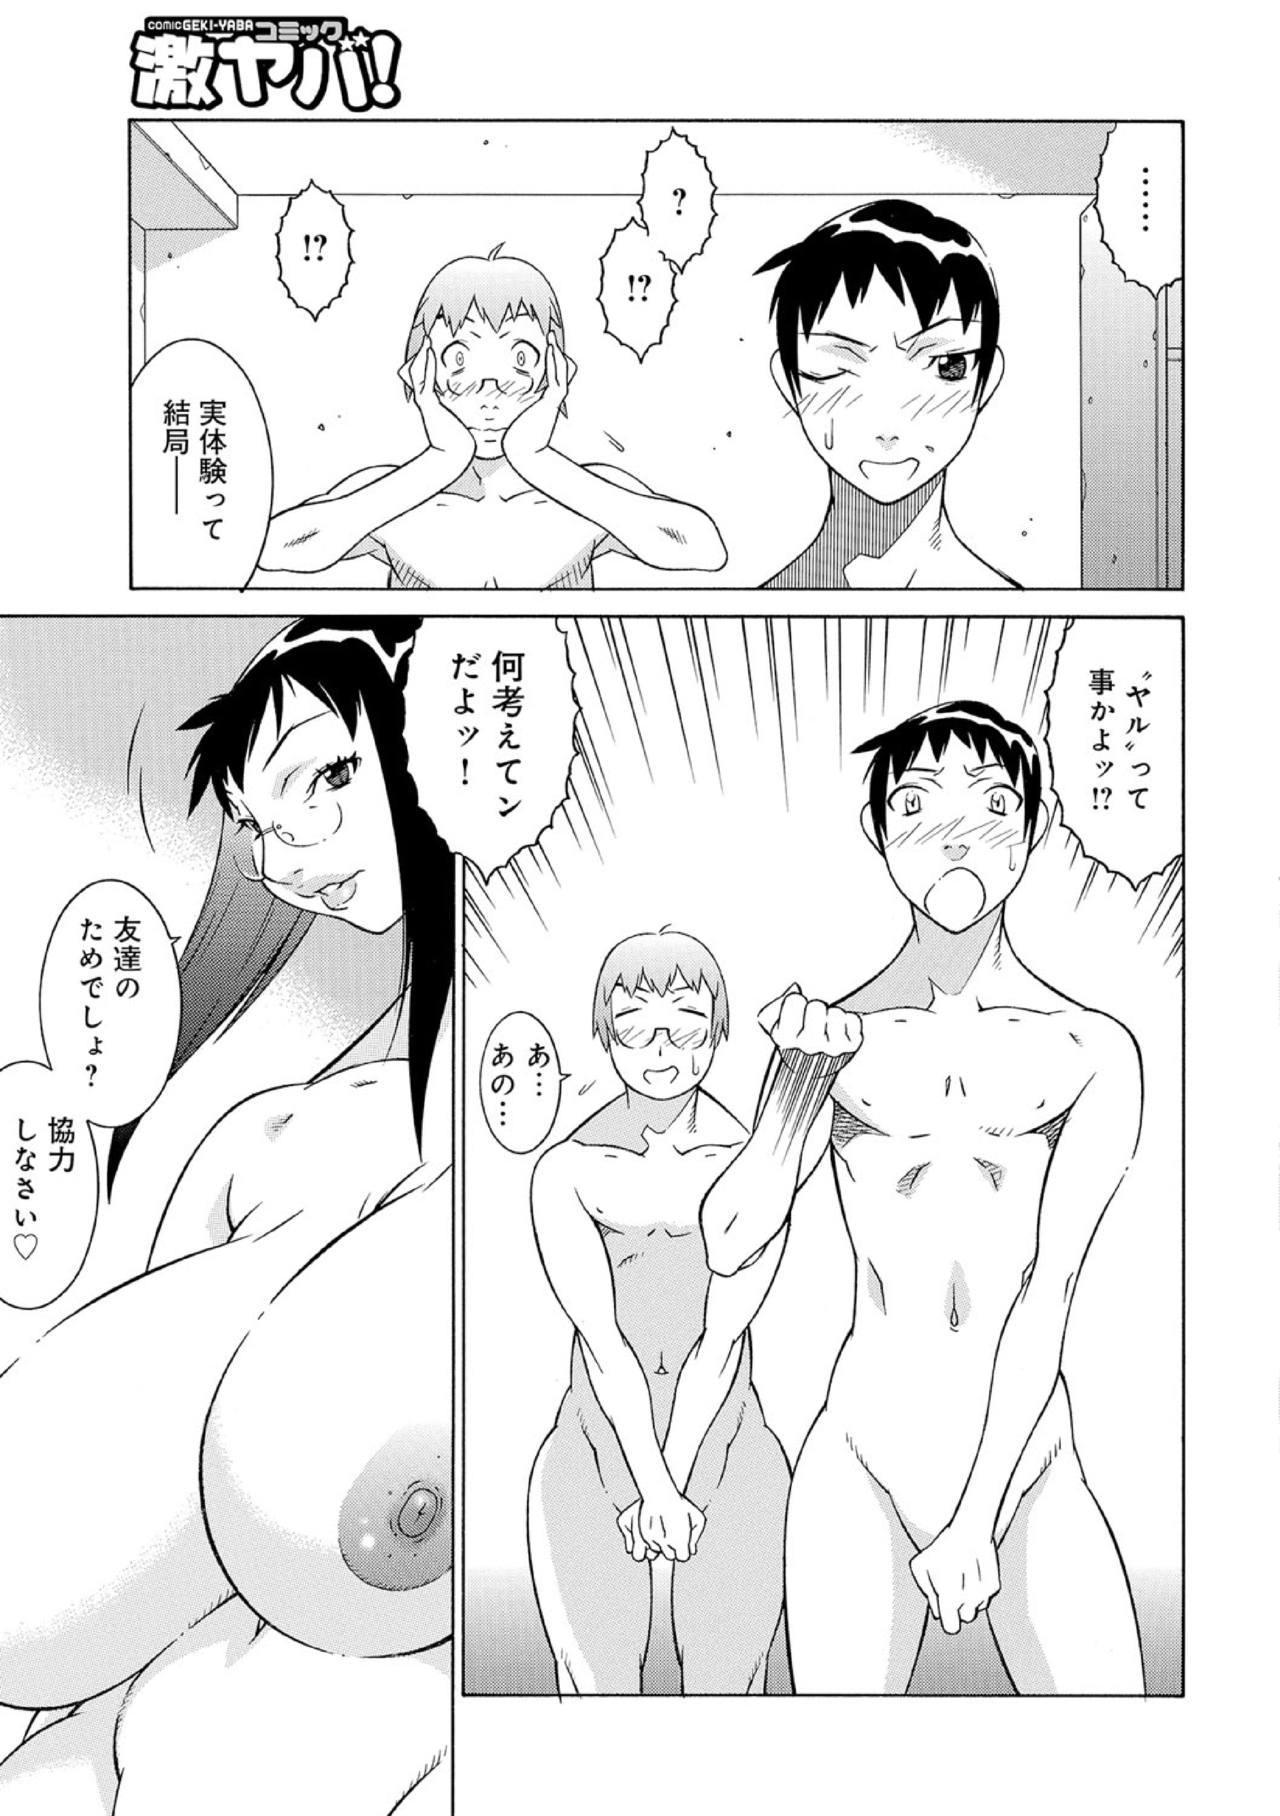 Okaa-san wa Ero Mangaka 02 8